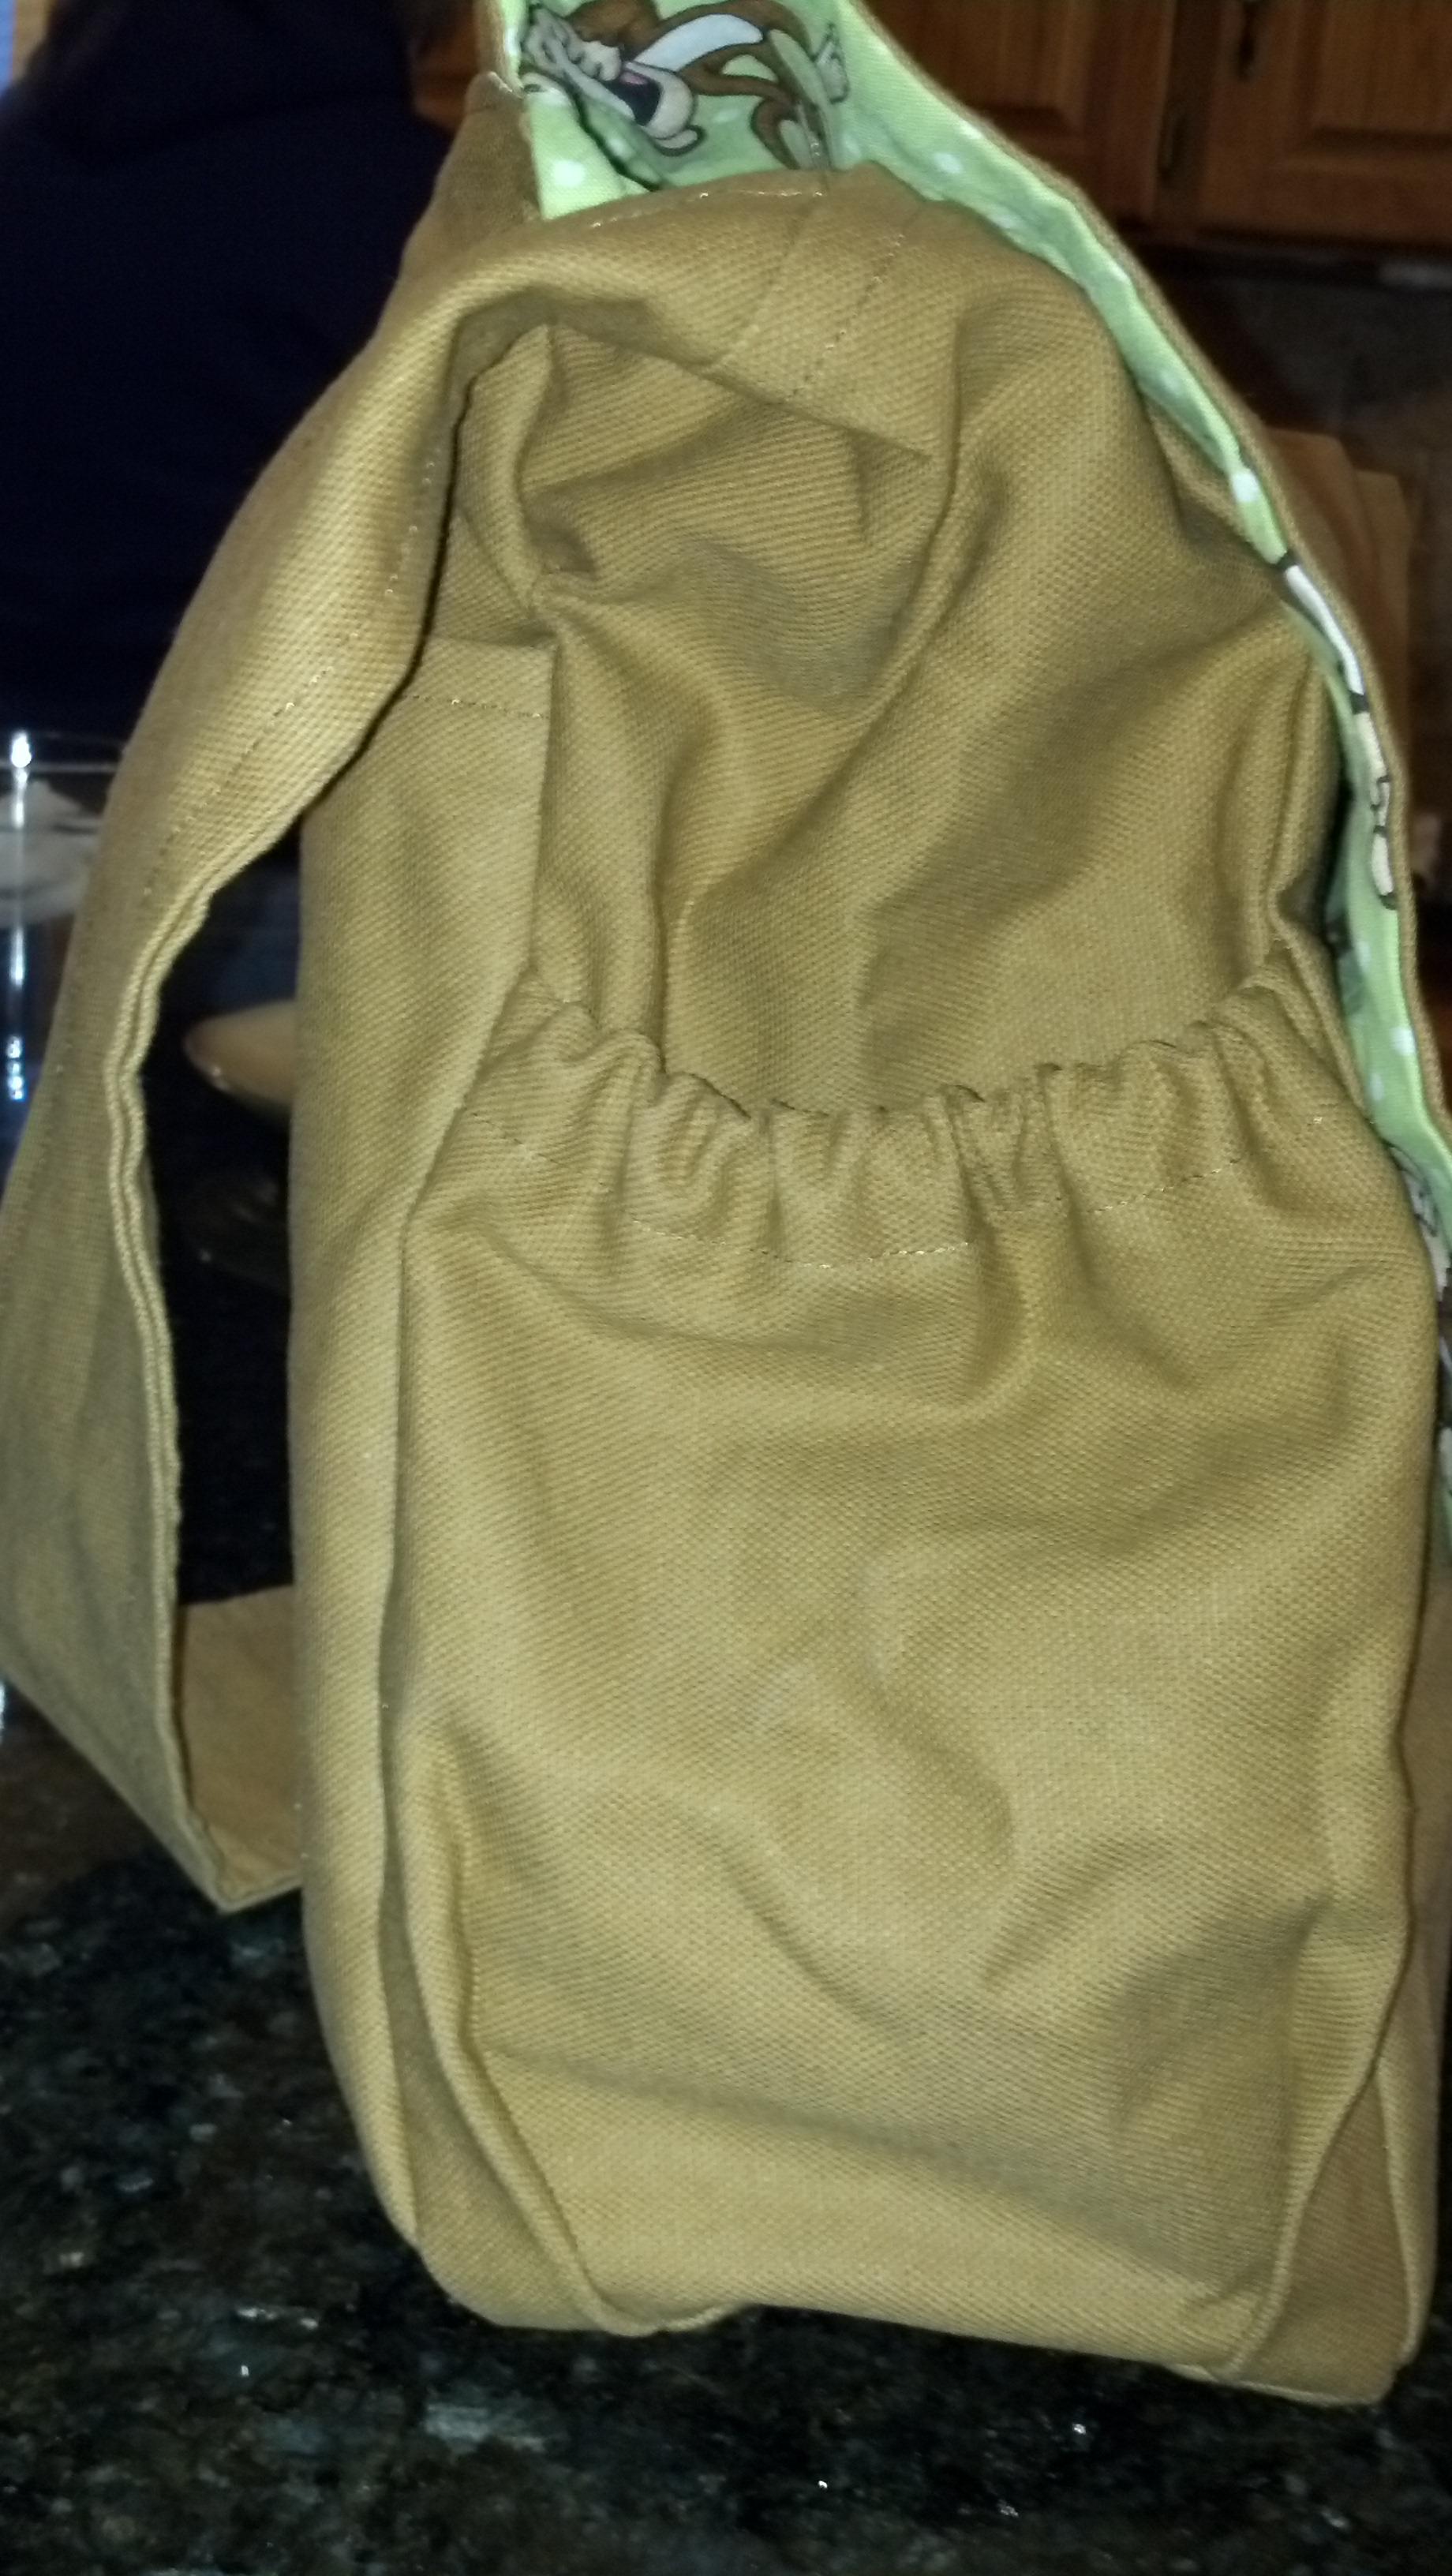 Diaper Bag Bottle Hold4er